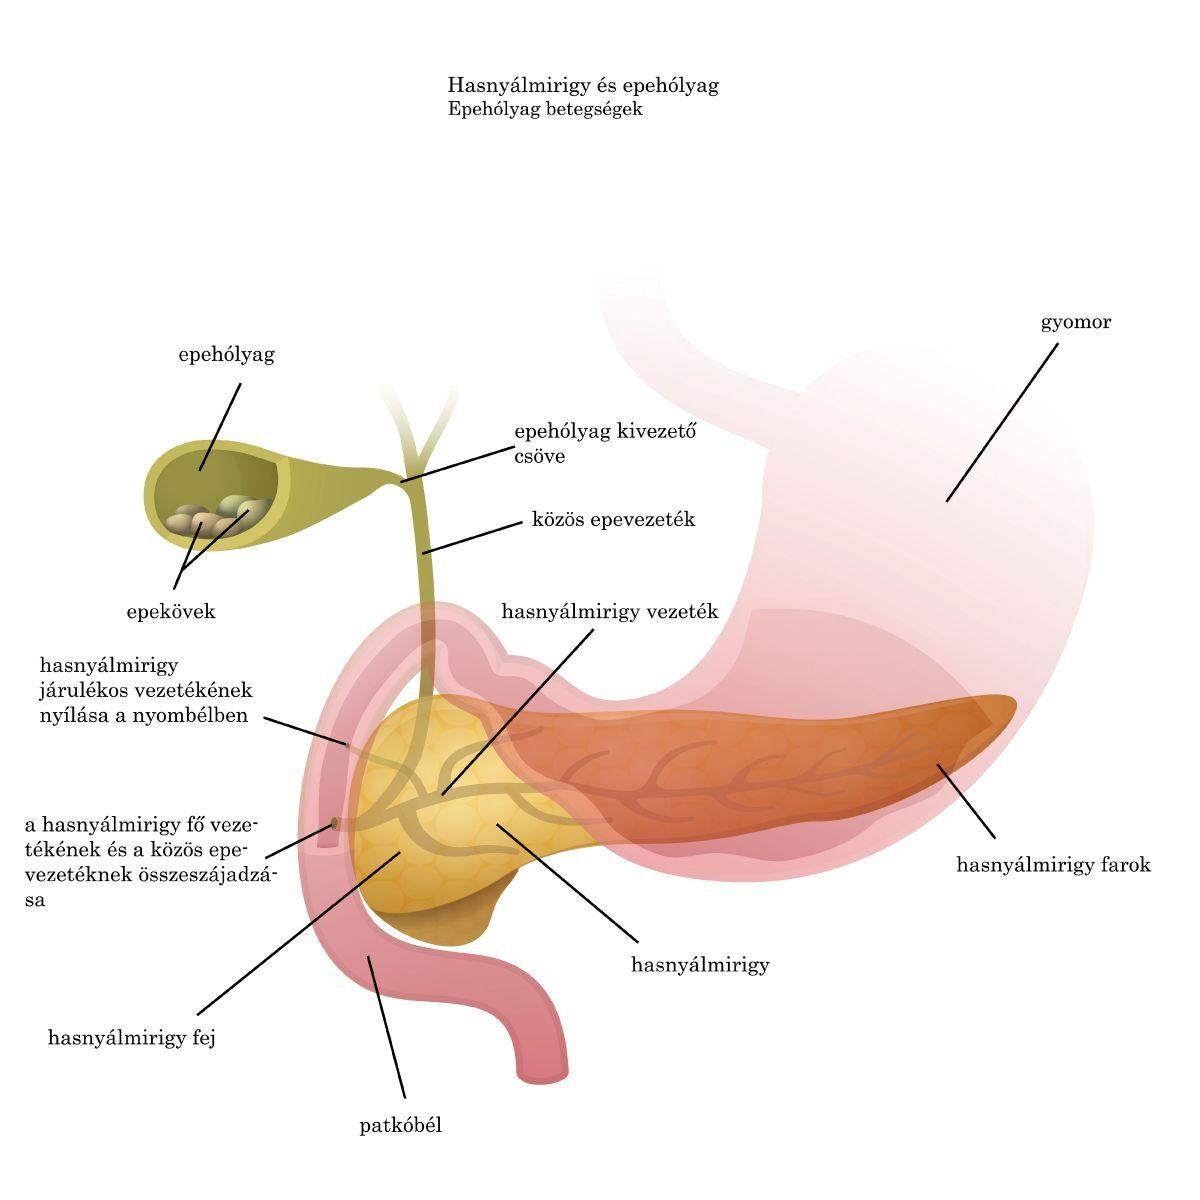 higiénia enterobiasis esetén szurke fereg szinesz